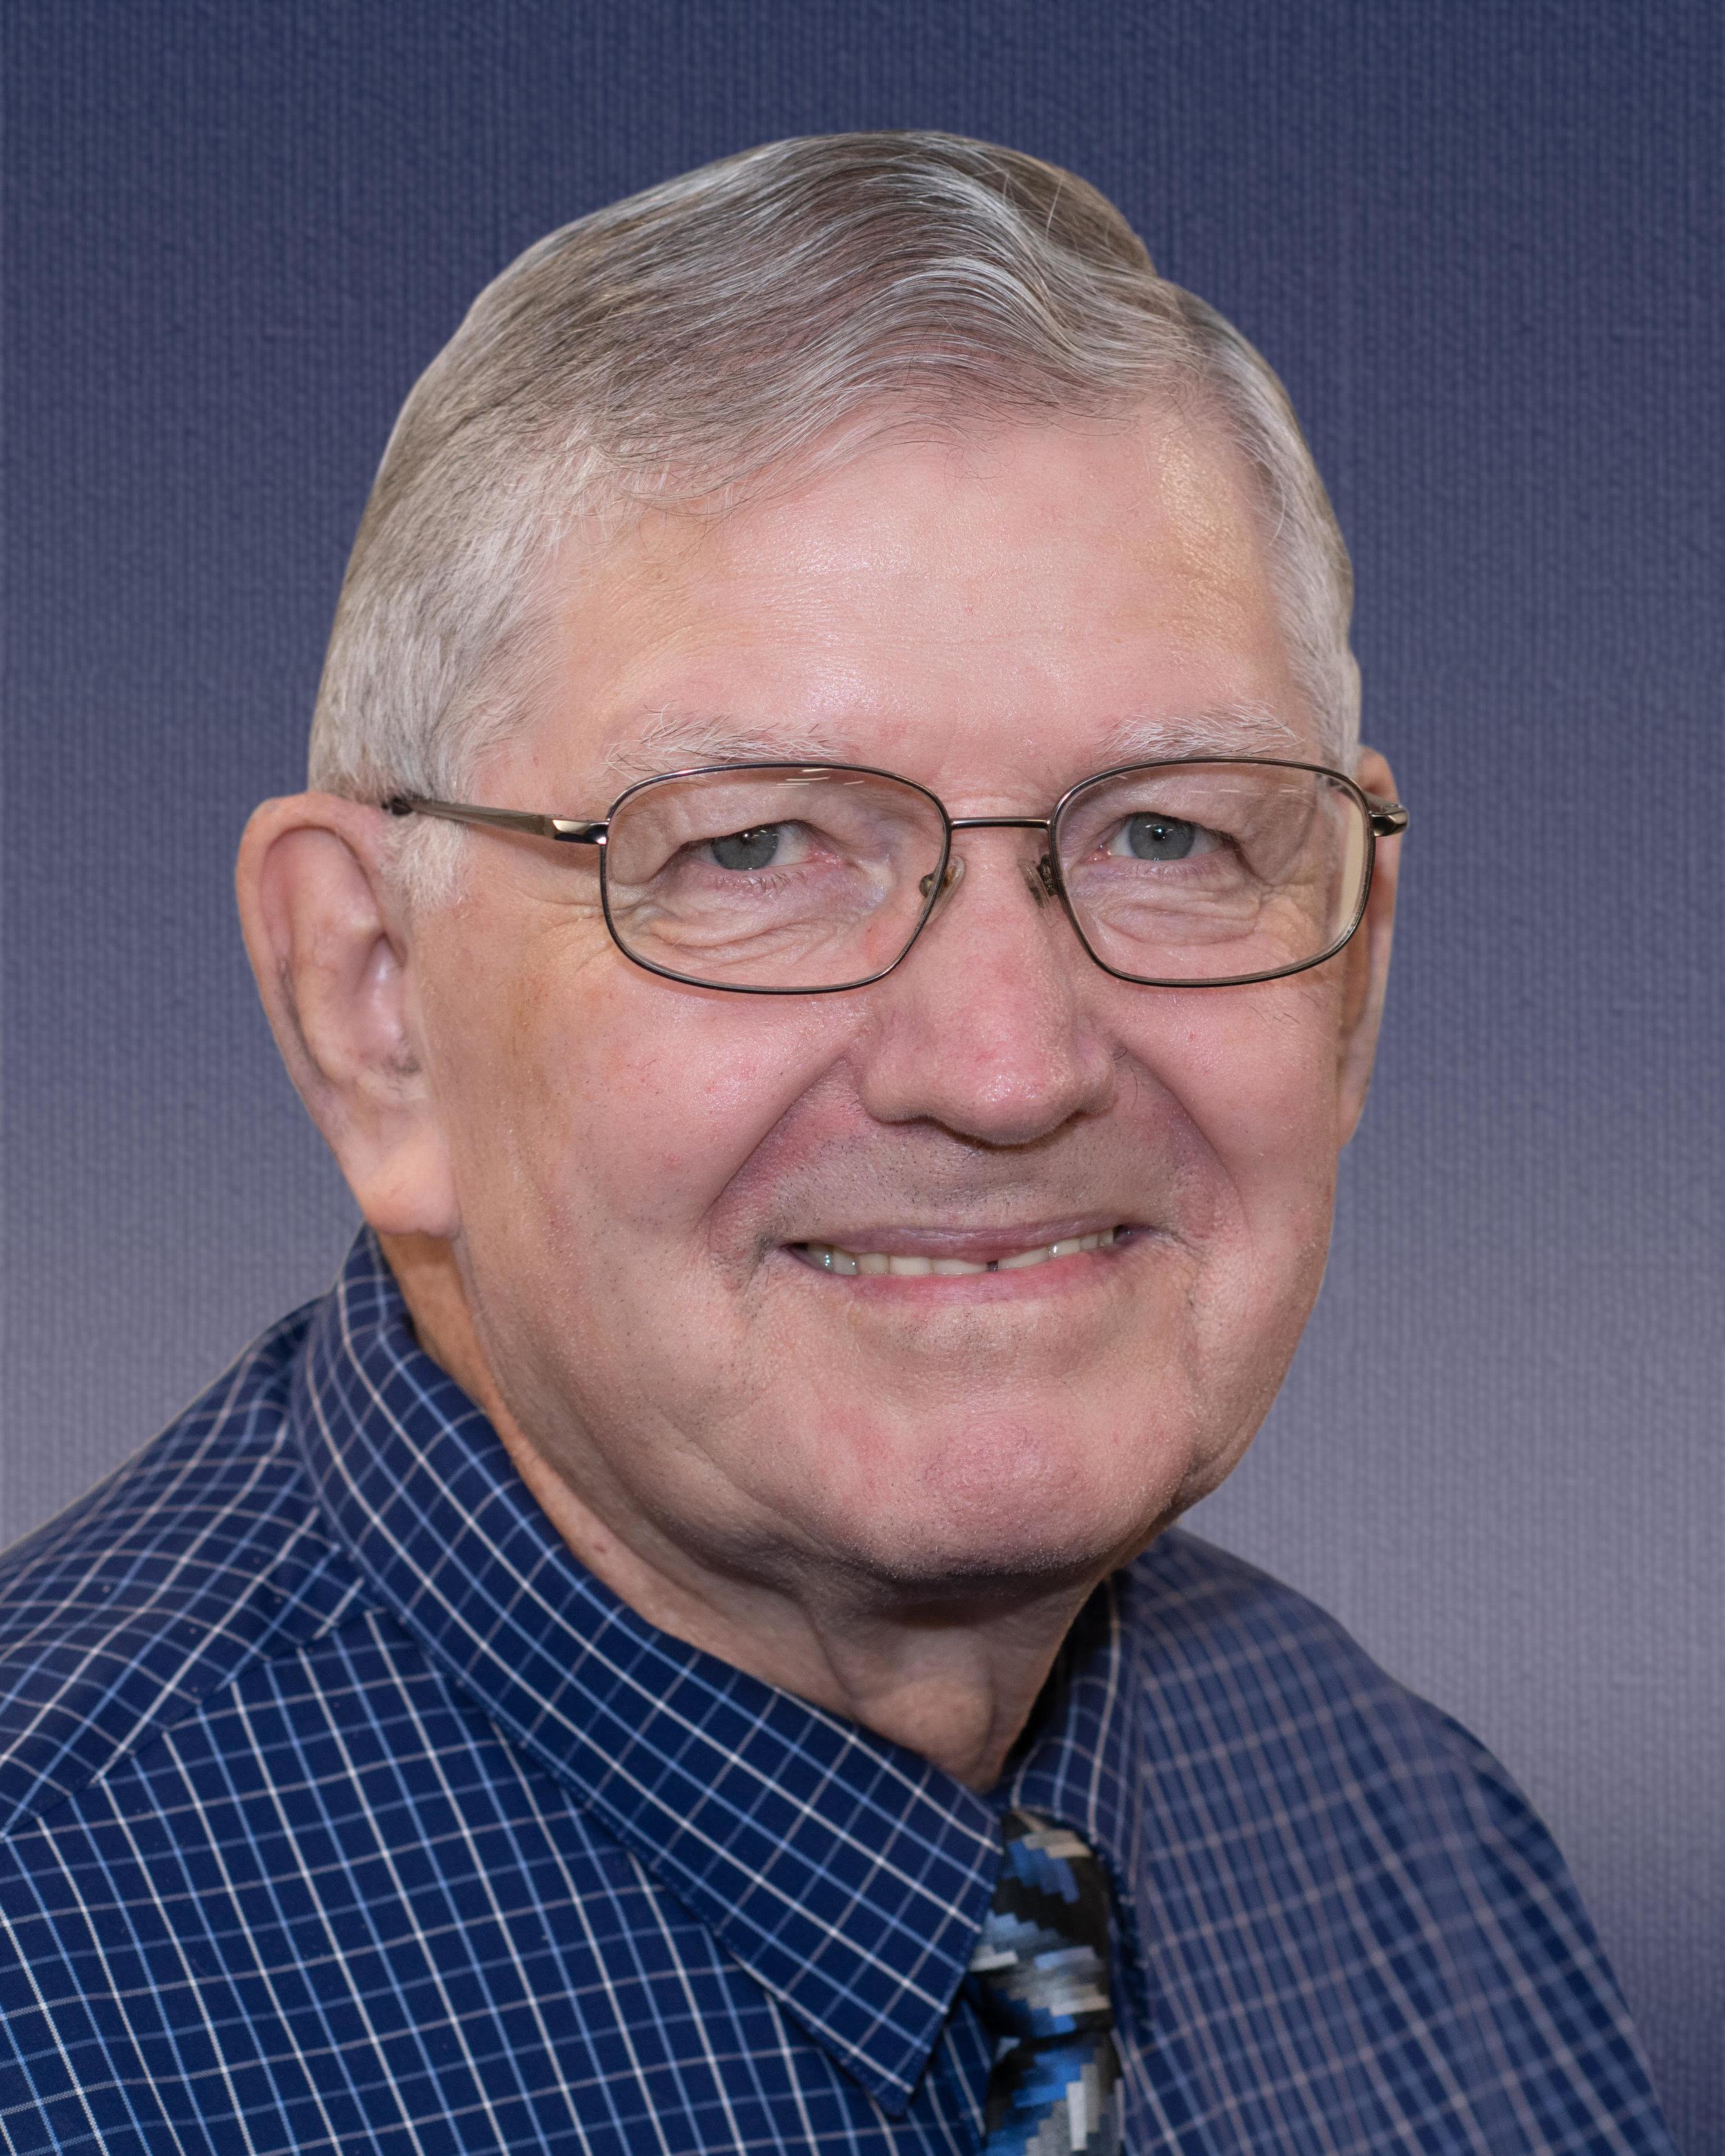 Elmer Hitt, Deacon over Evangelism